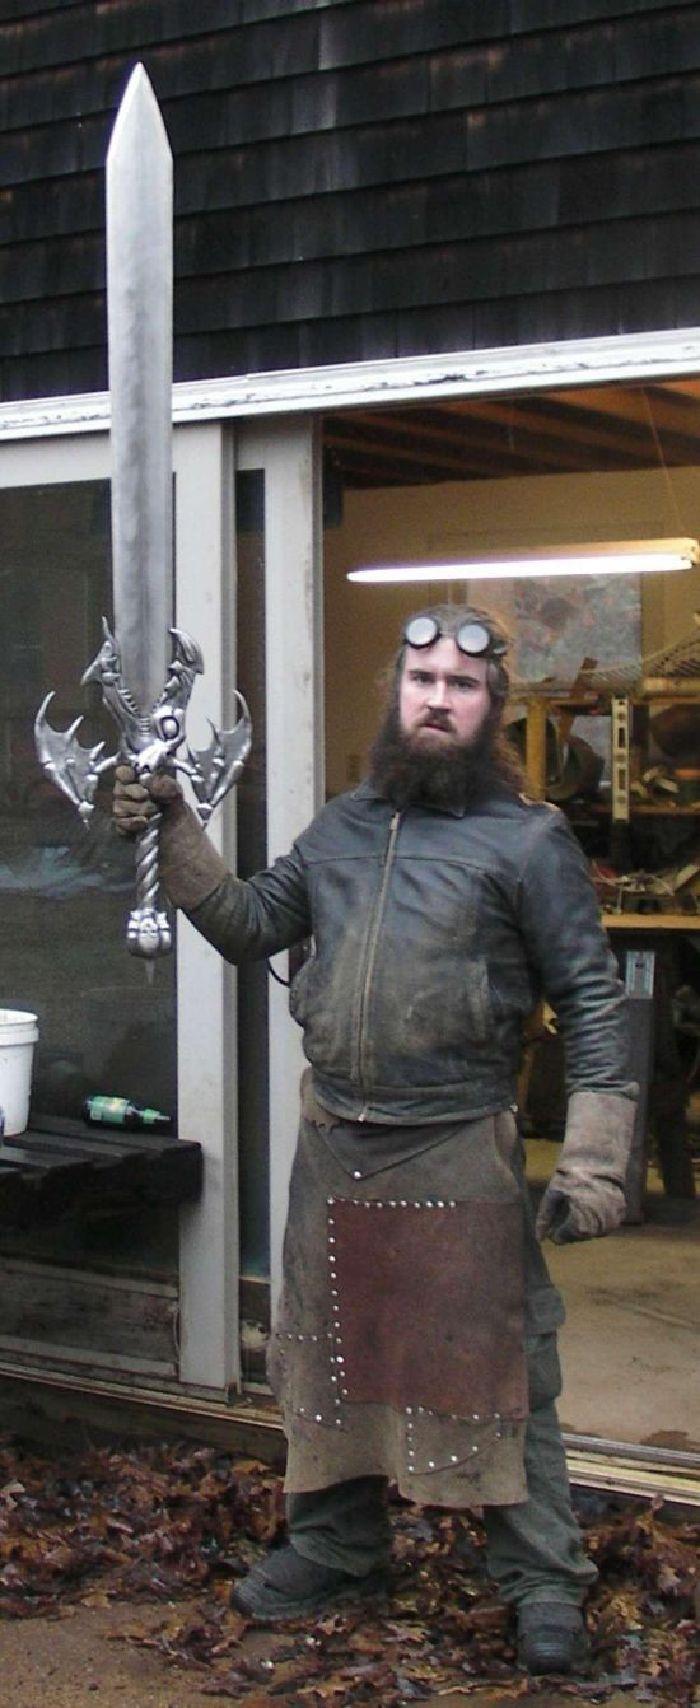 Armas blancas reales de videojuegos y películas creadas por el Herrero Michael Cthulhu